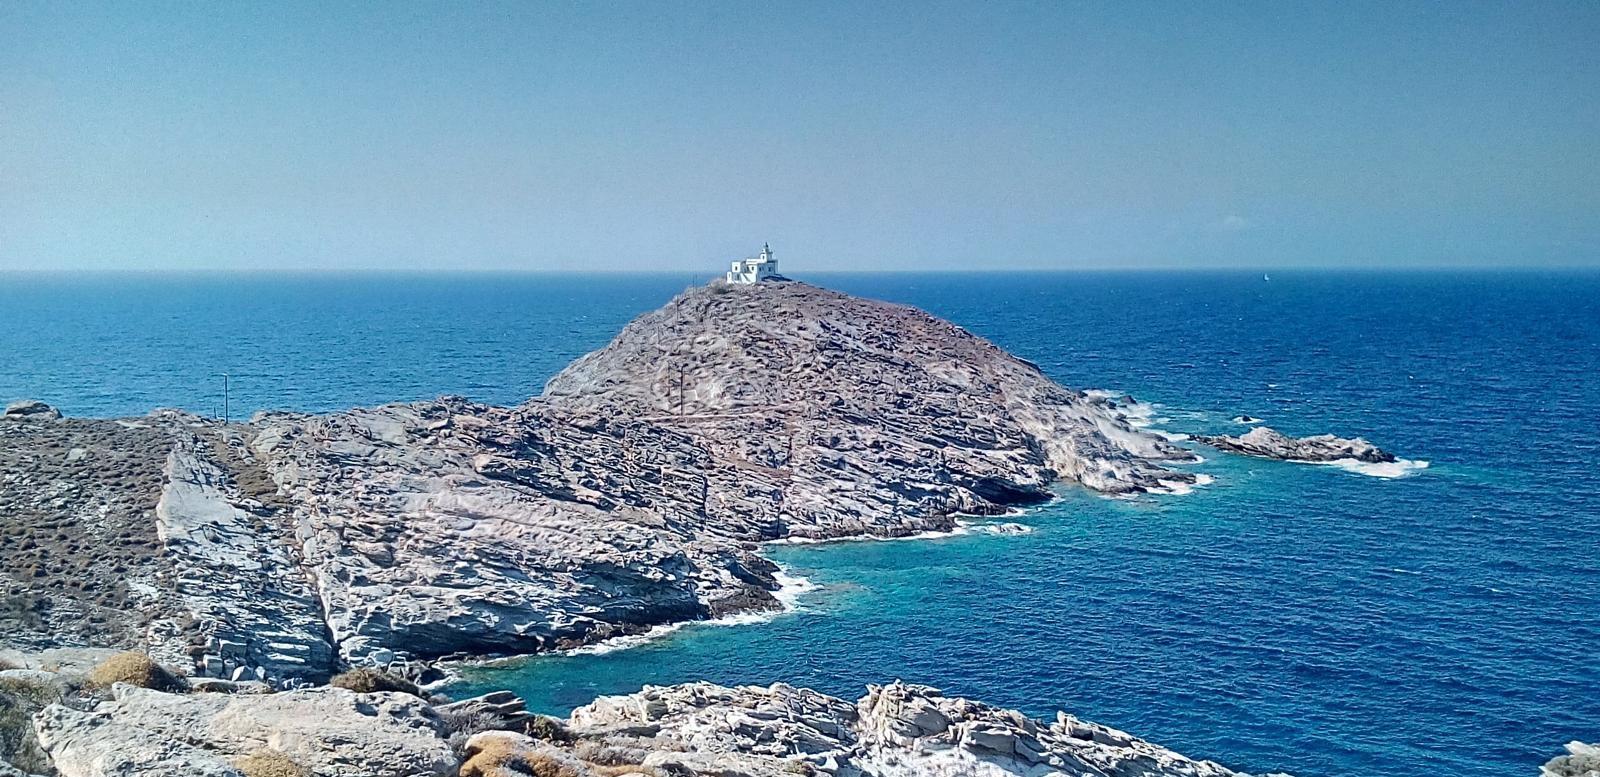 Le phare Naoussa sur le cap Korakas à Paros